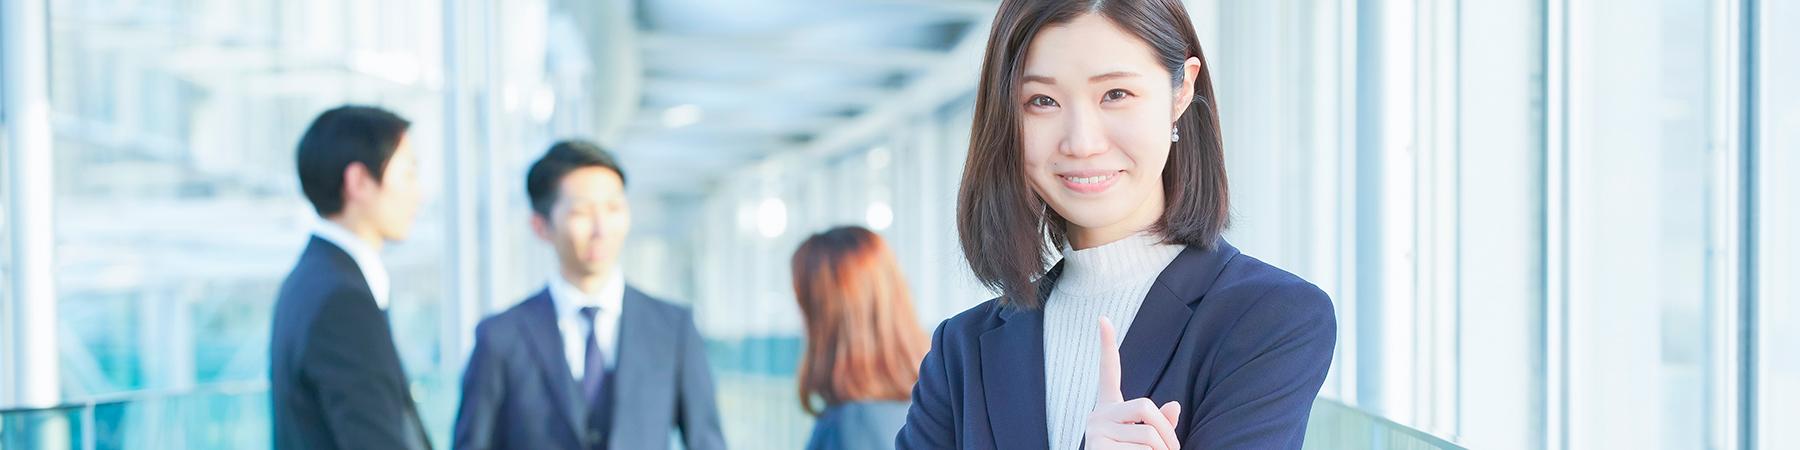 日本生活環境支援協会 | ビジネスマネージメント